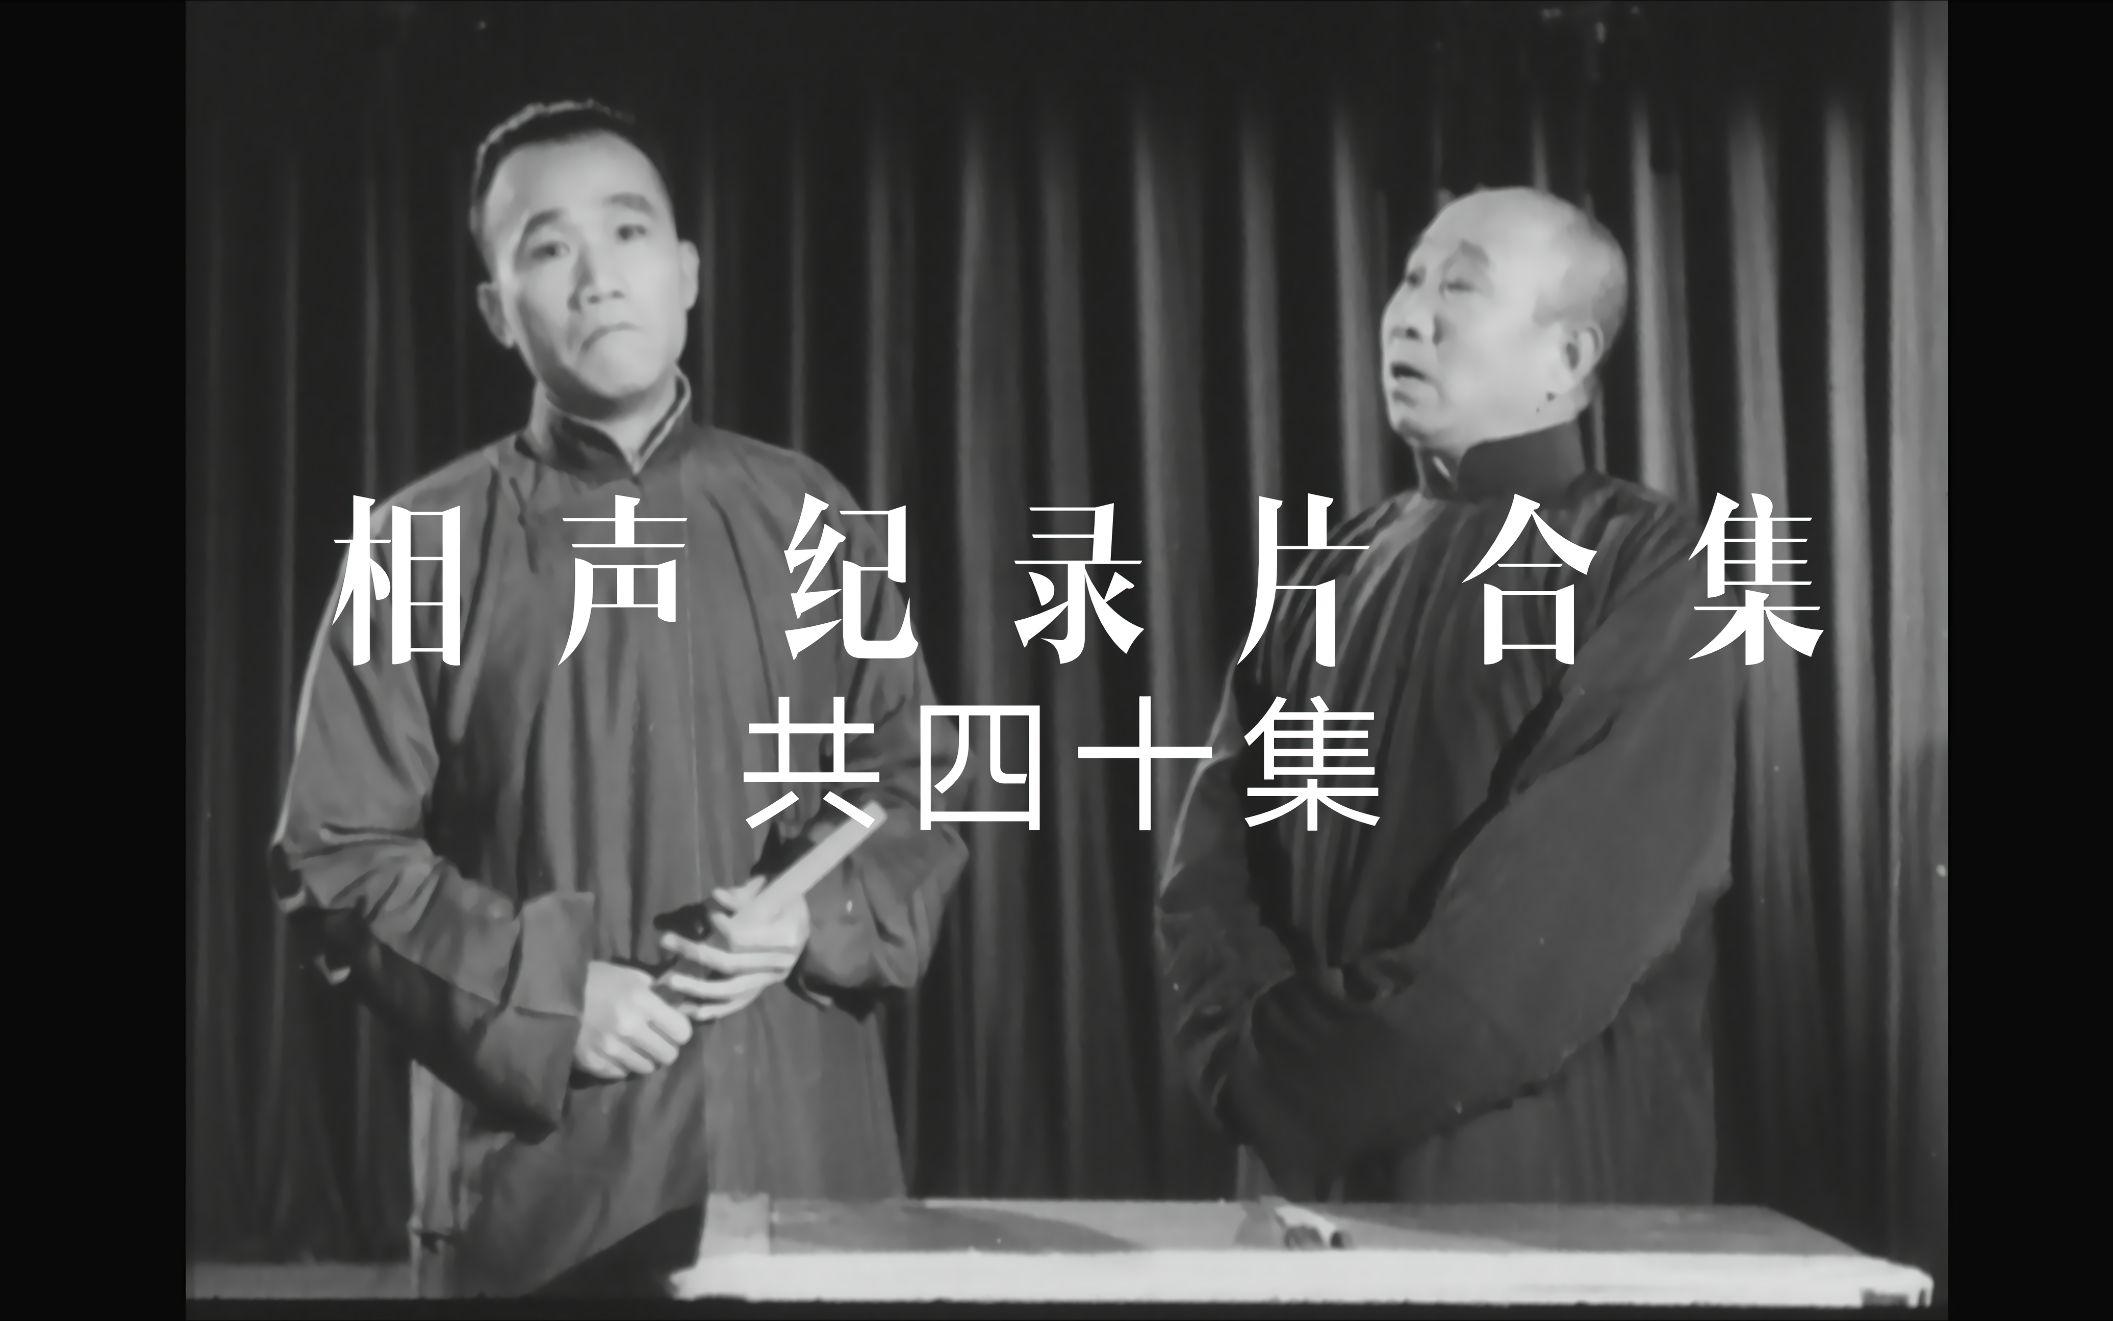 郭百年_相声纪录片合集(共40集)_哔哩哔哩 (゜-゜)つロ 干杯~-bilibili